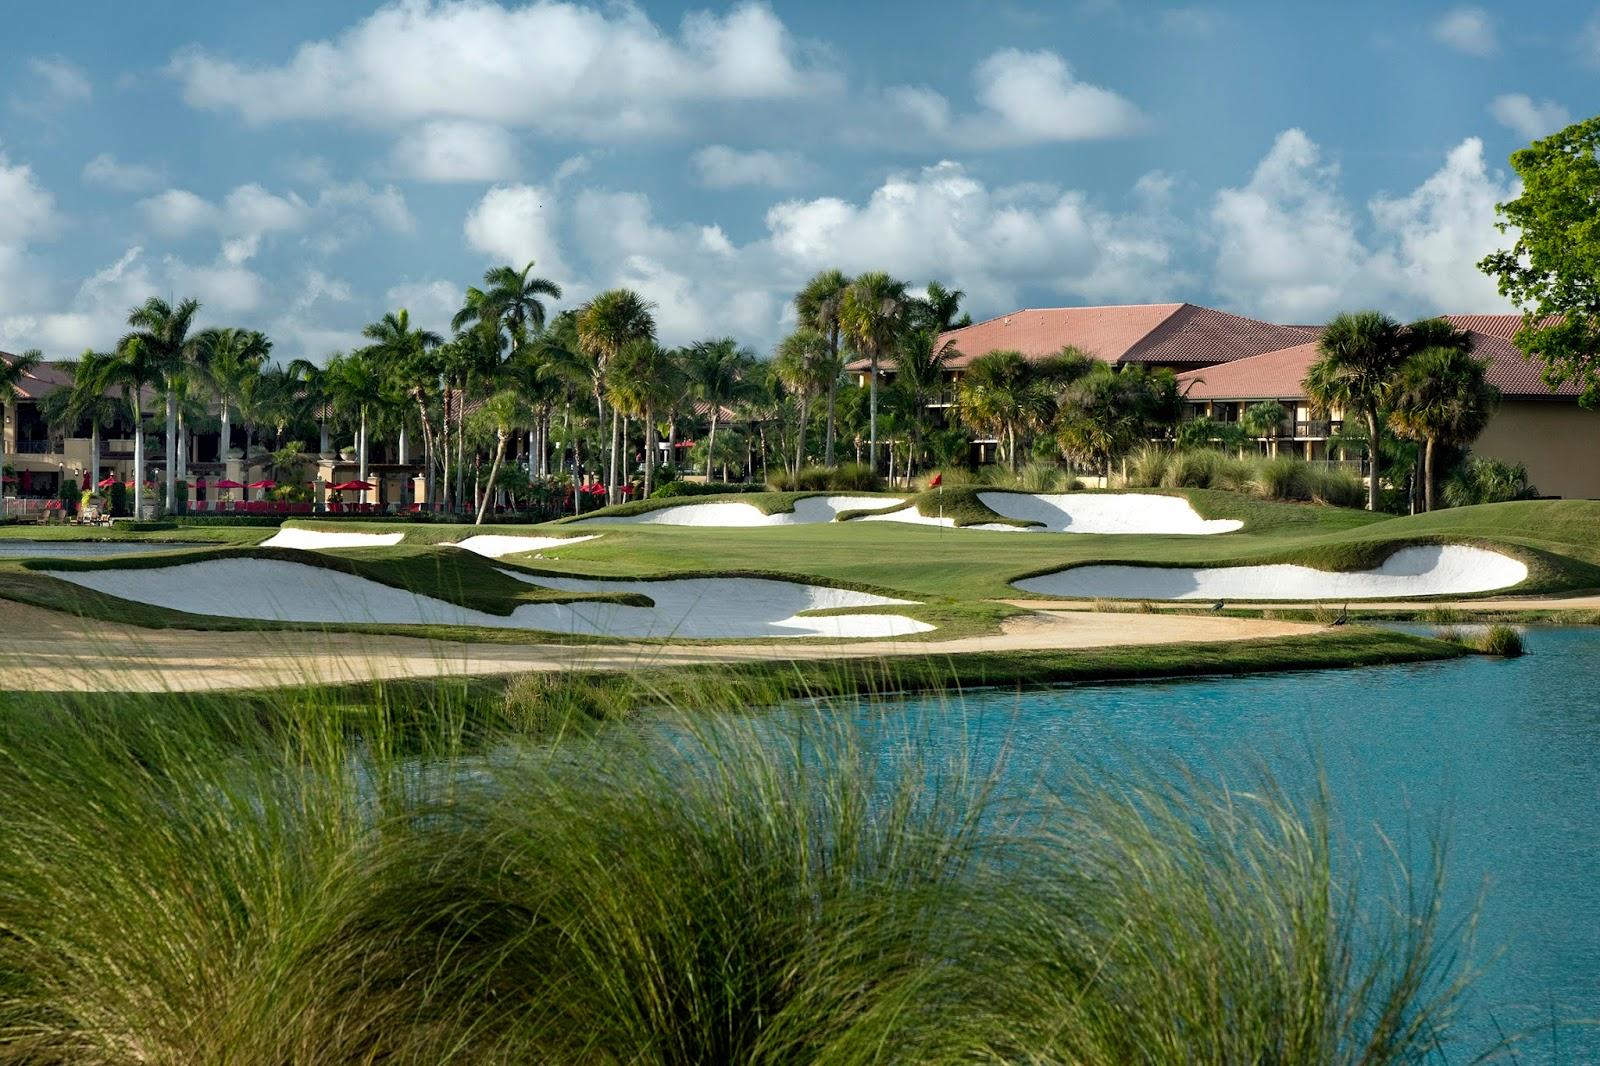 ComeSeeOrlando.com: FLORIDA - PGA National Resort and Spa Offers ...